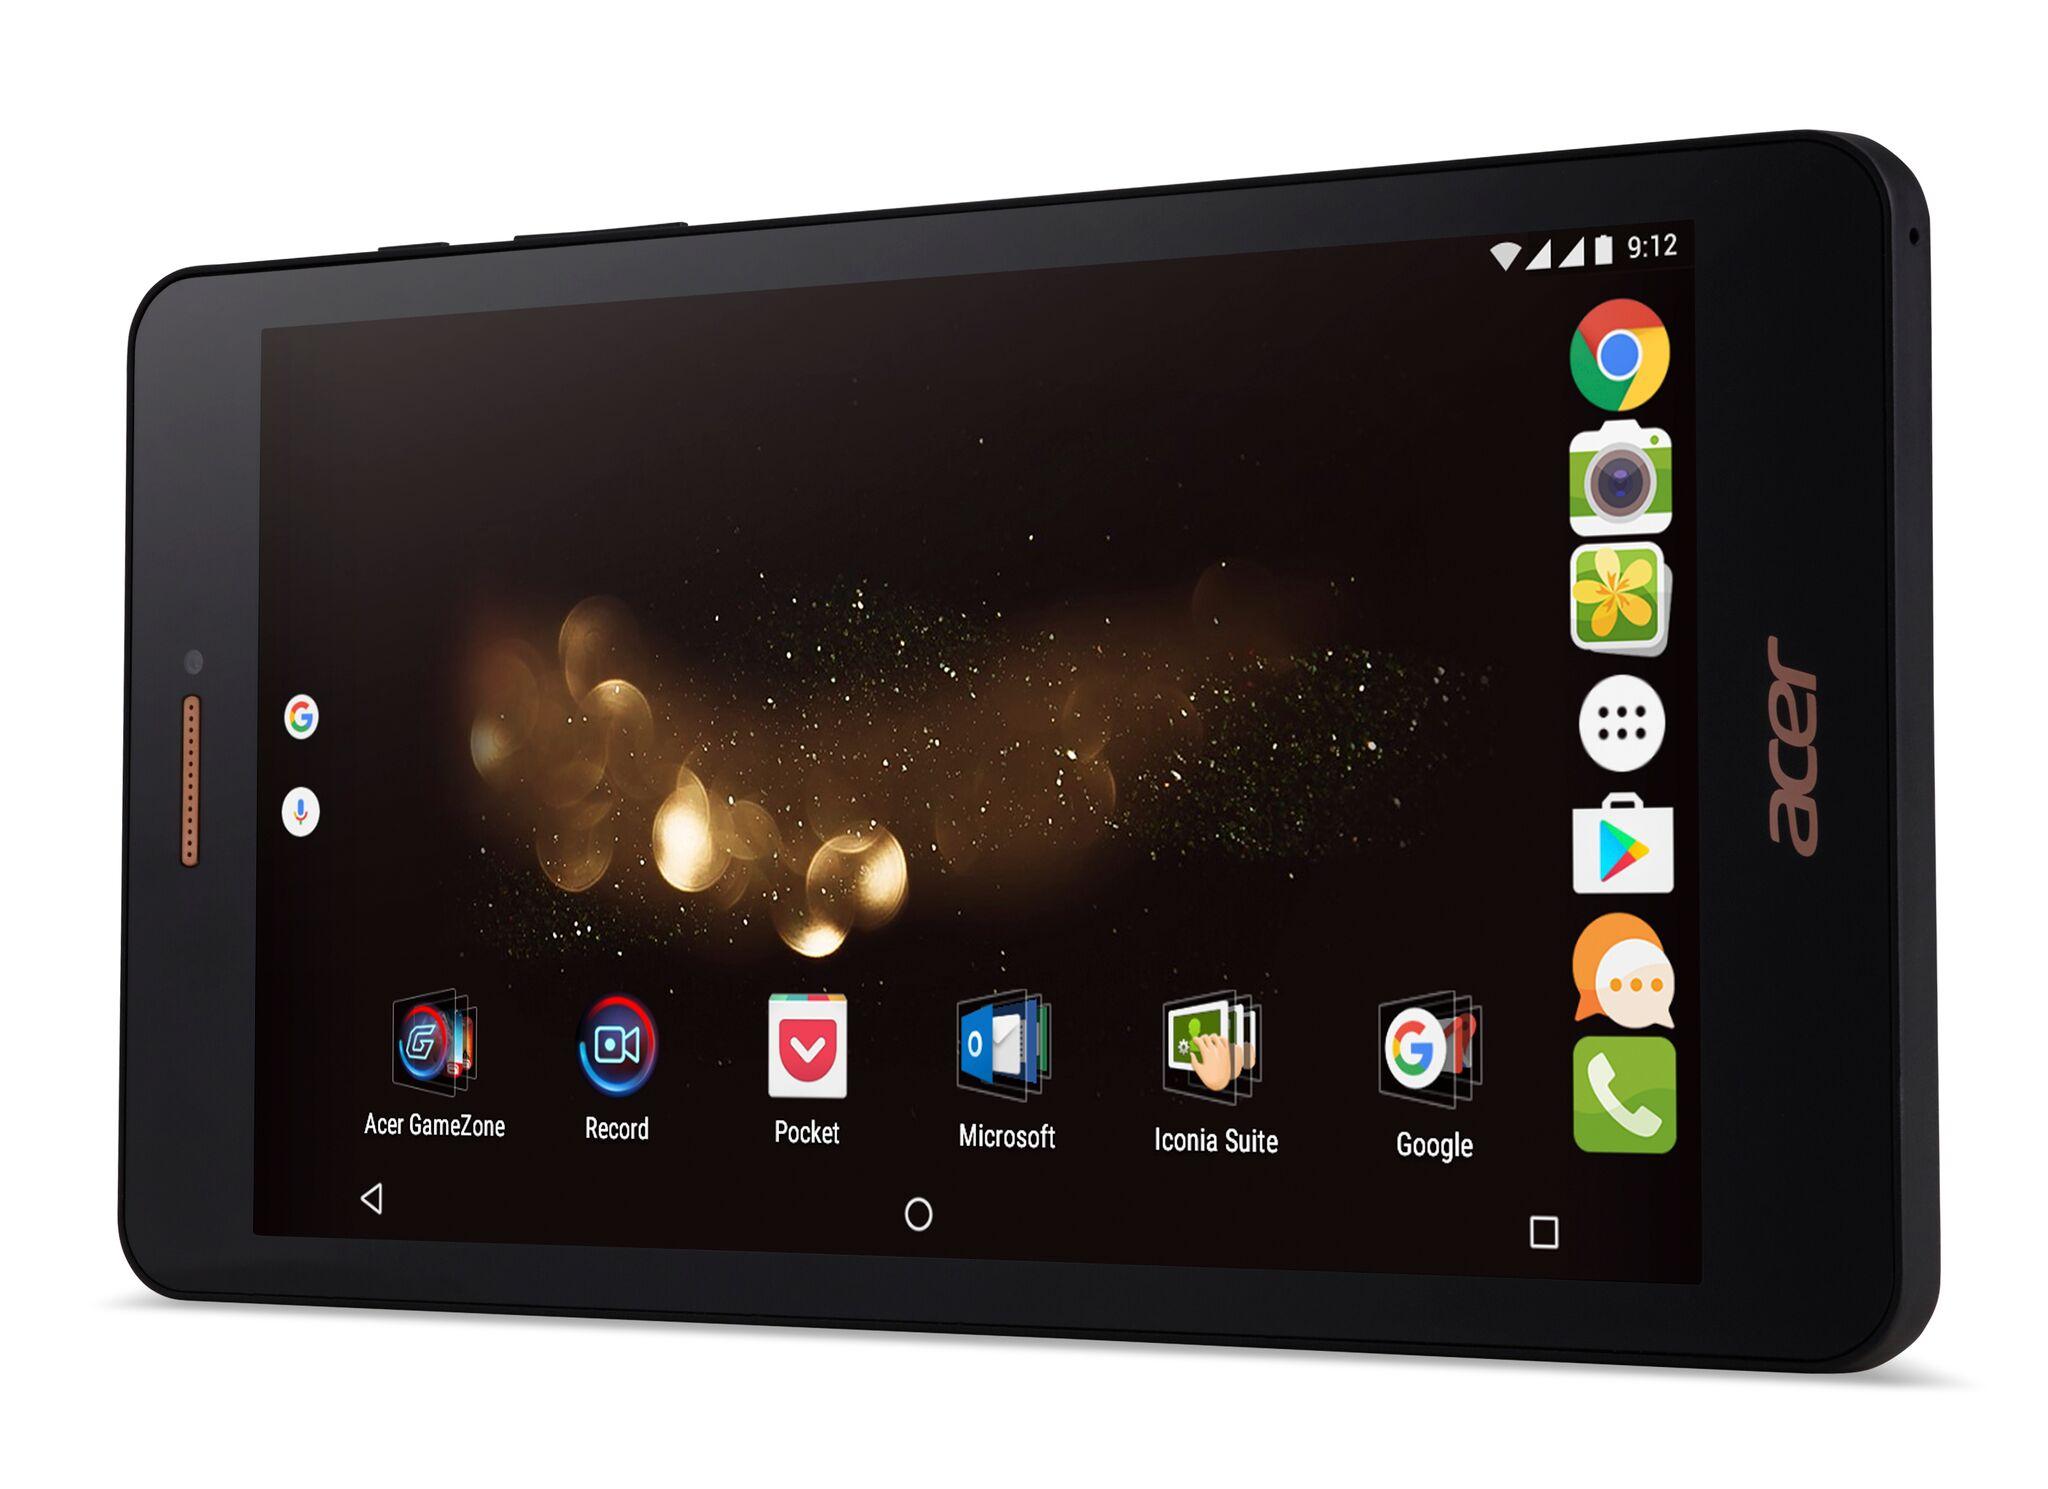 В Российской Федерации стартовали продажи планшета-смартфона Acer Iconia Tab 10